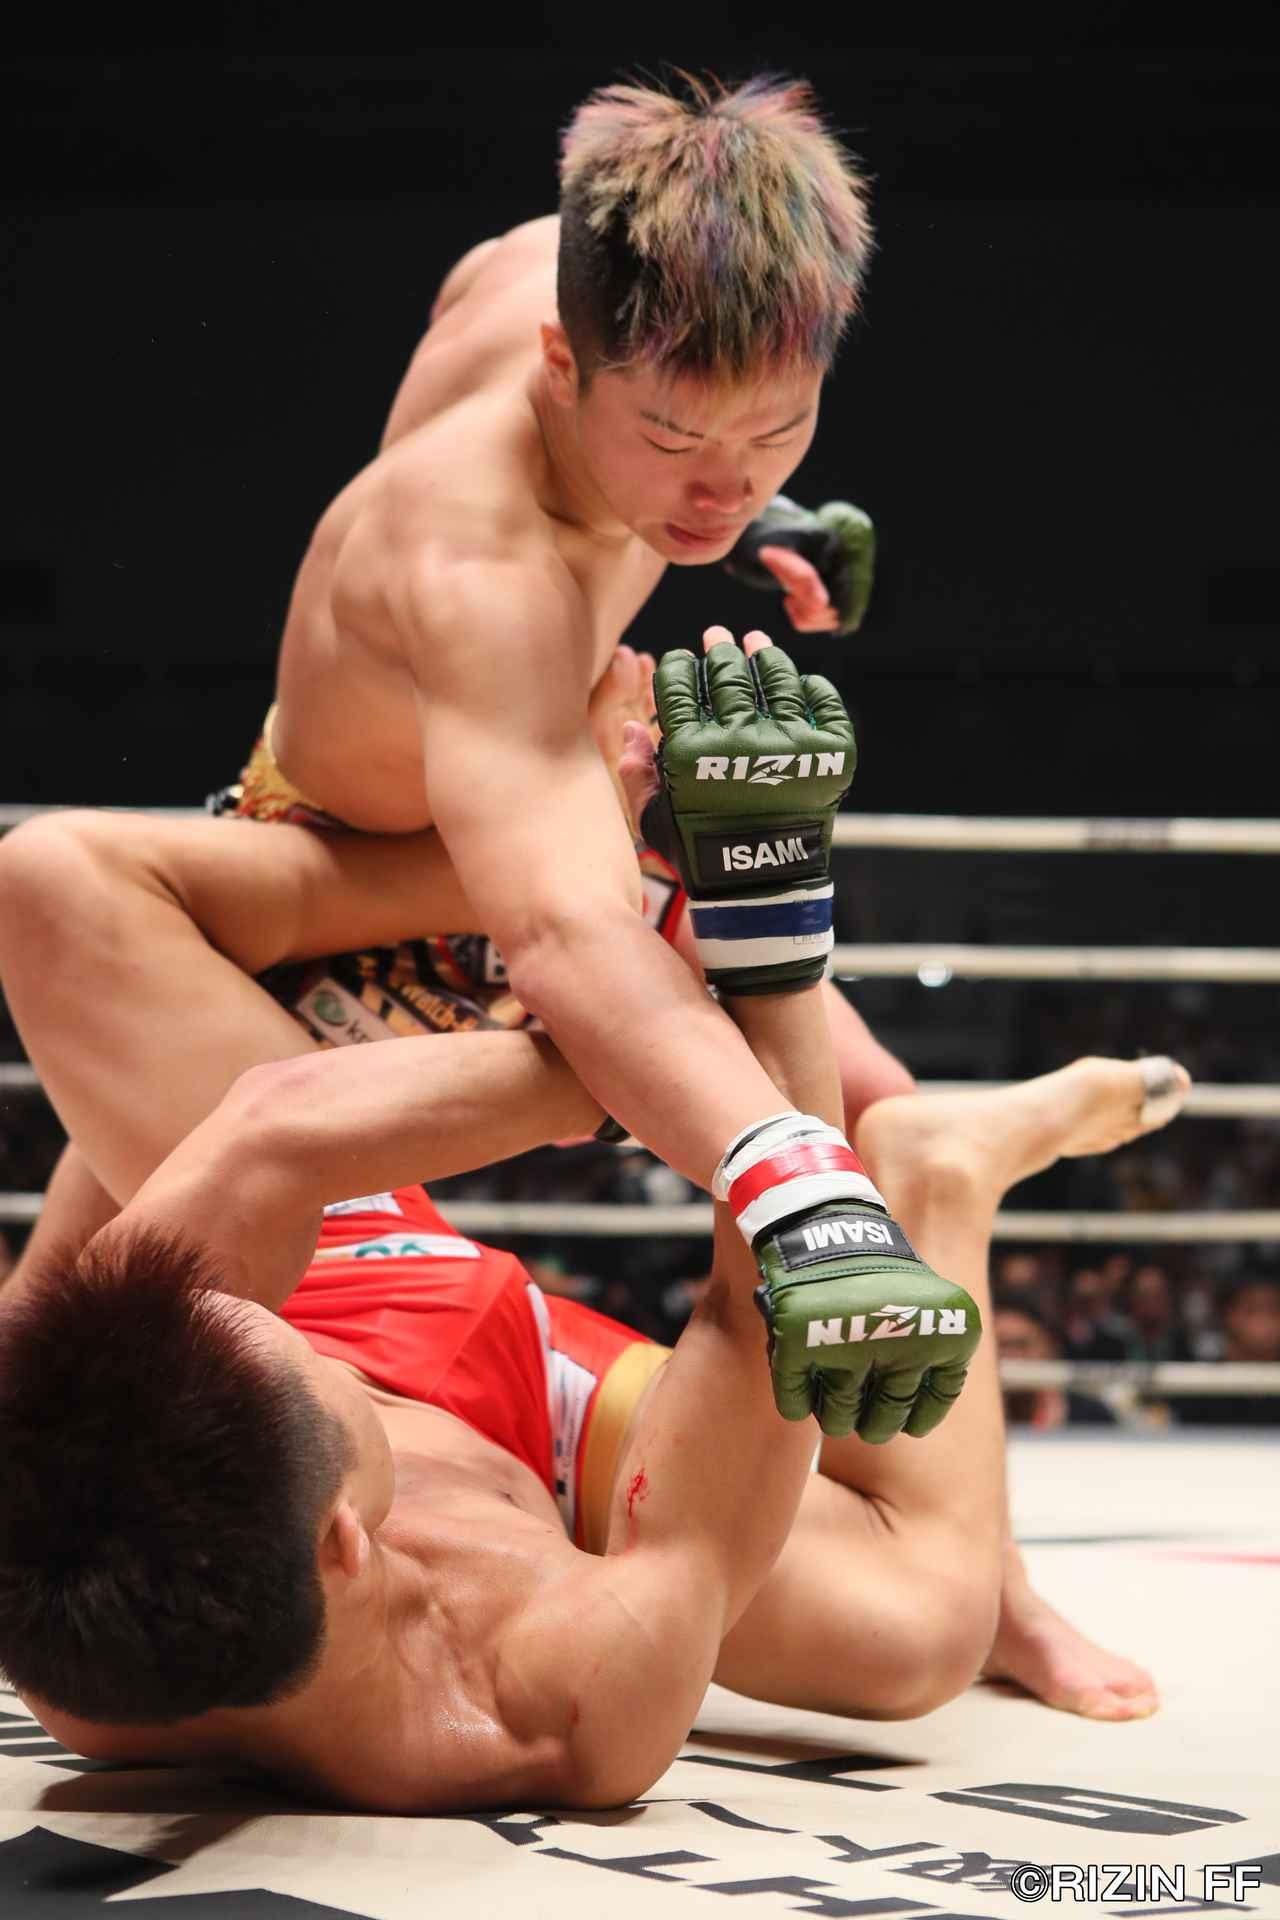 画像1: 格闘技の新たなステージを見た! 壮絶な死闘は那須川が制す!!